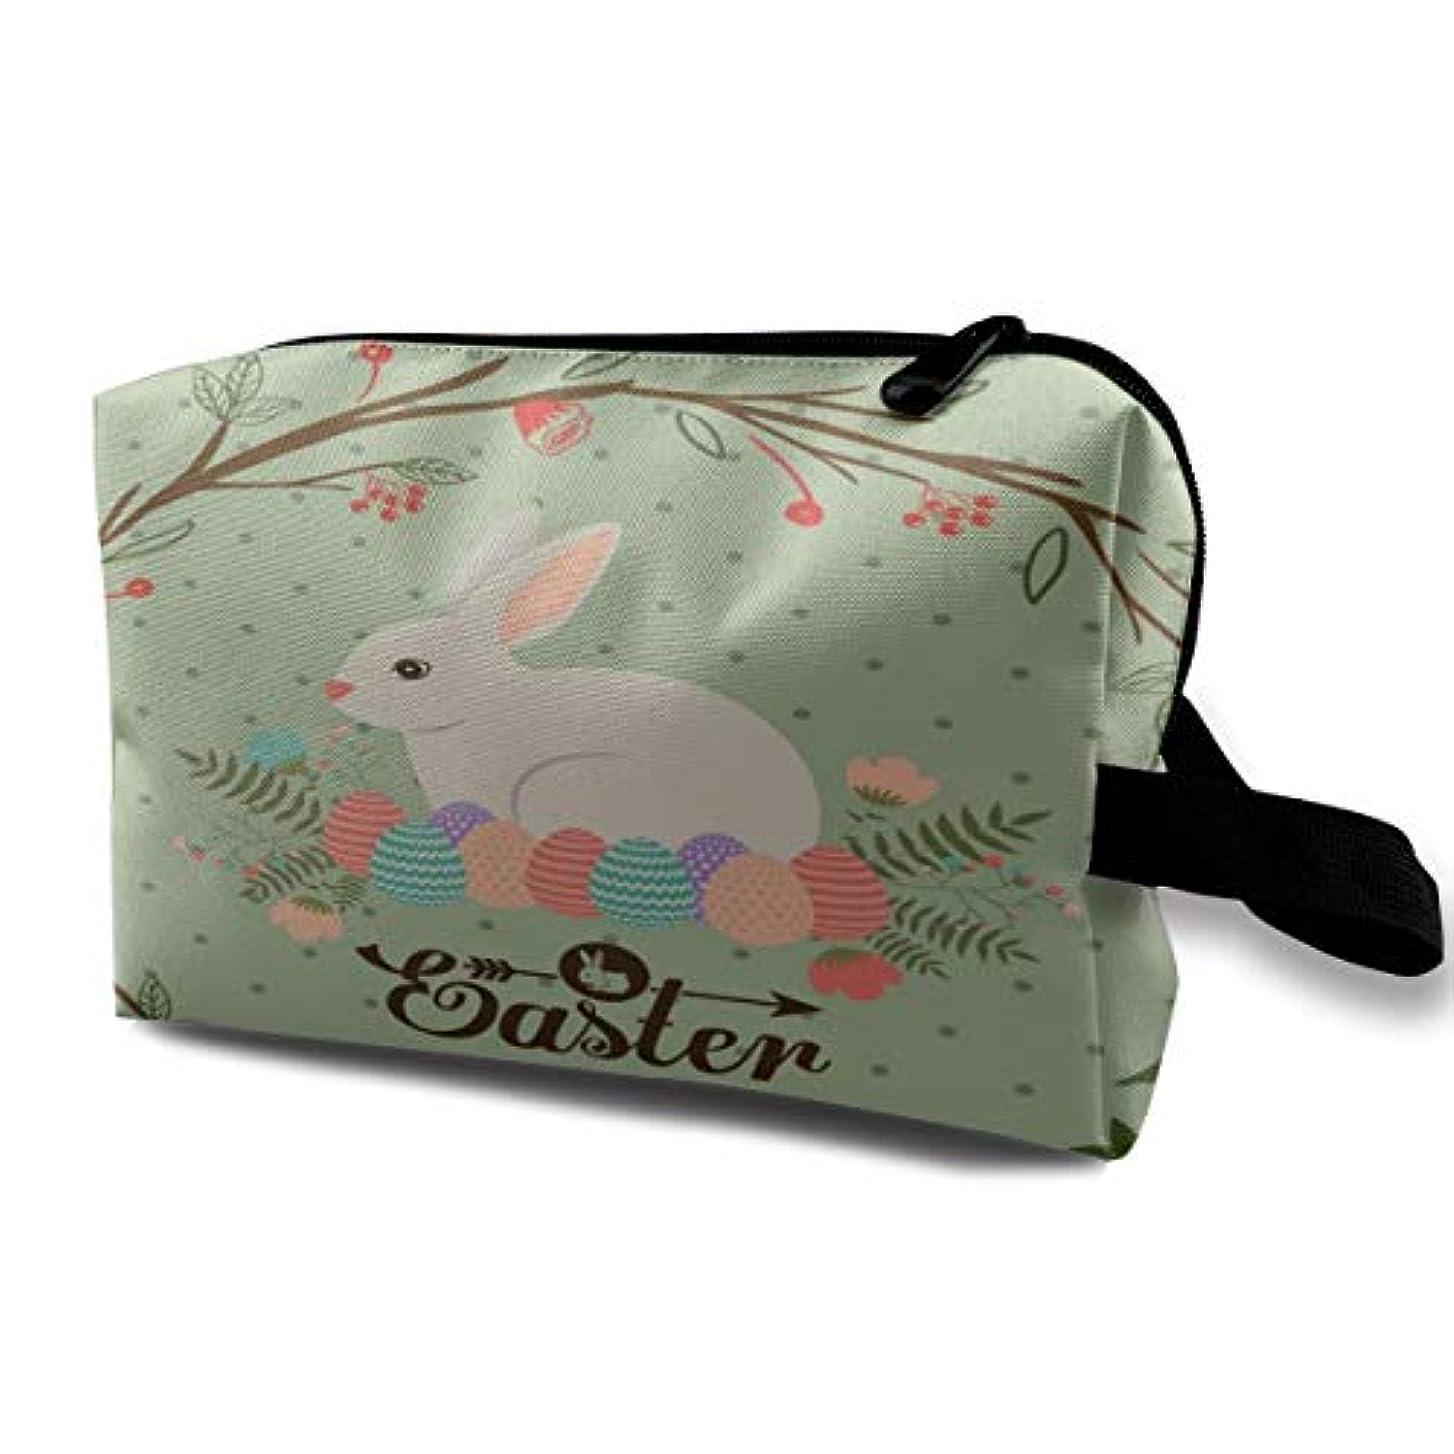 地雷原ハントふさわしいEaster Bunny Rabbit Colorful Eggs 収納ポーチ 化粧ポーチ 大容量 軽量 耐久性 ハンドル付持ち運び便利。入れ 自宅?出張?旅行?アウトドア撮影などに対応。メンズ レディース トラベルグッズ